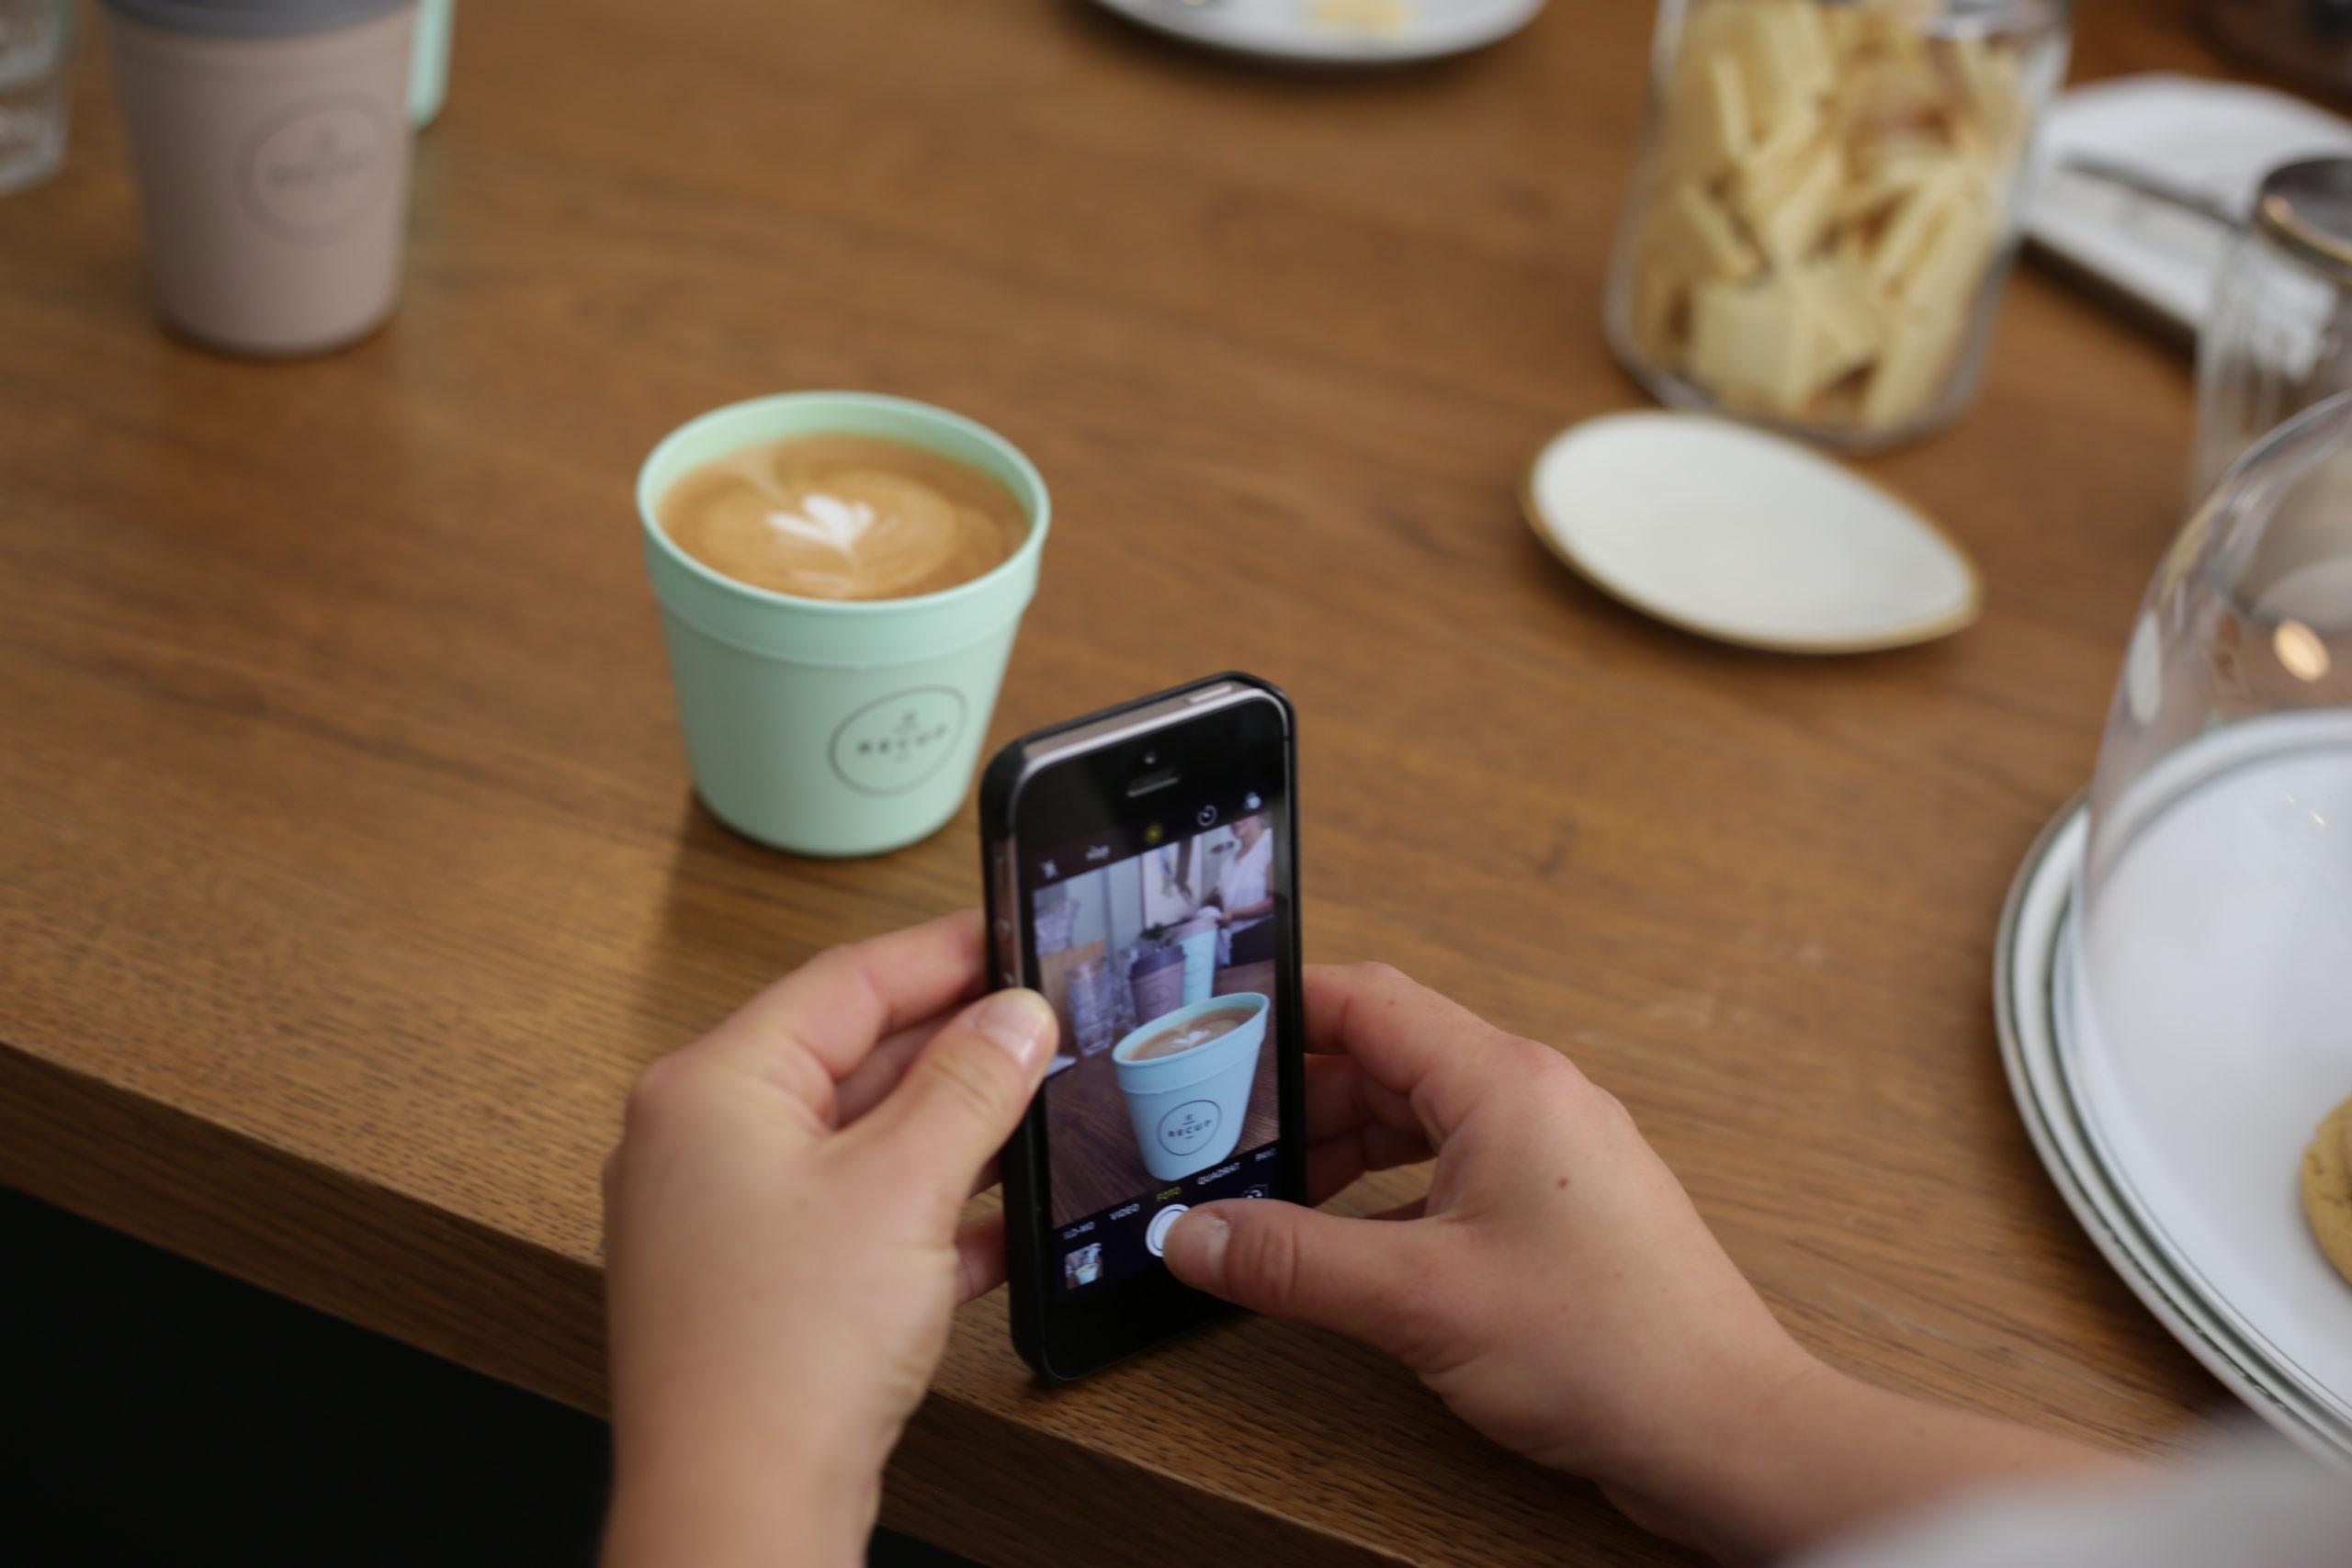 Kaffeebecher kaufen in der Gastronomie